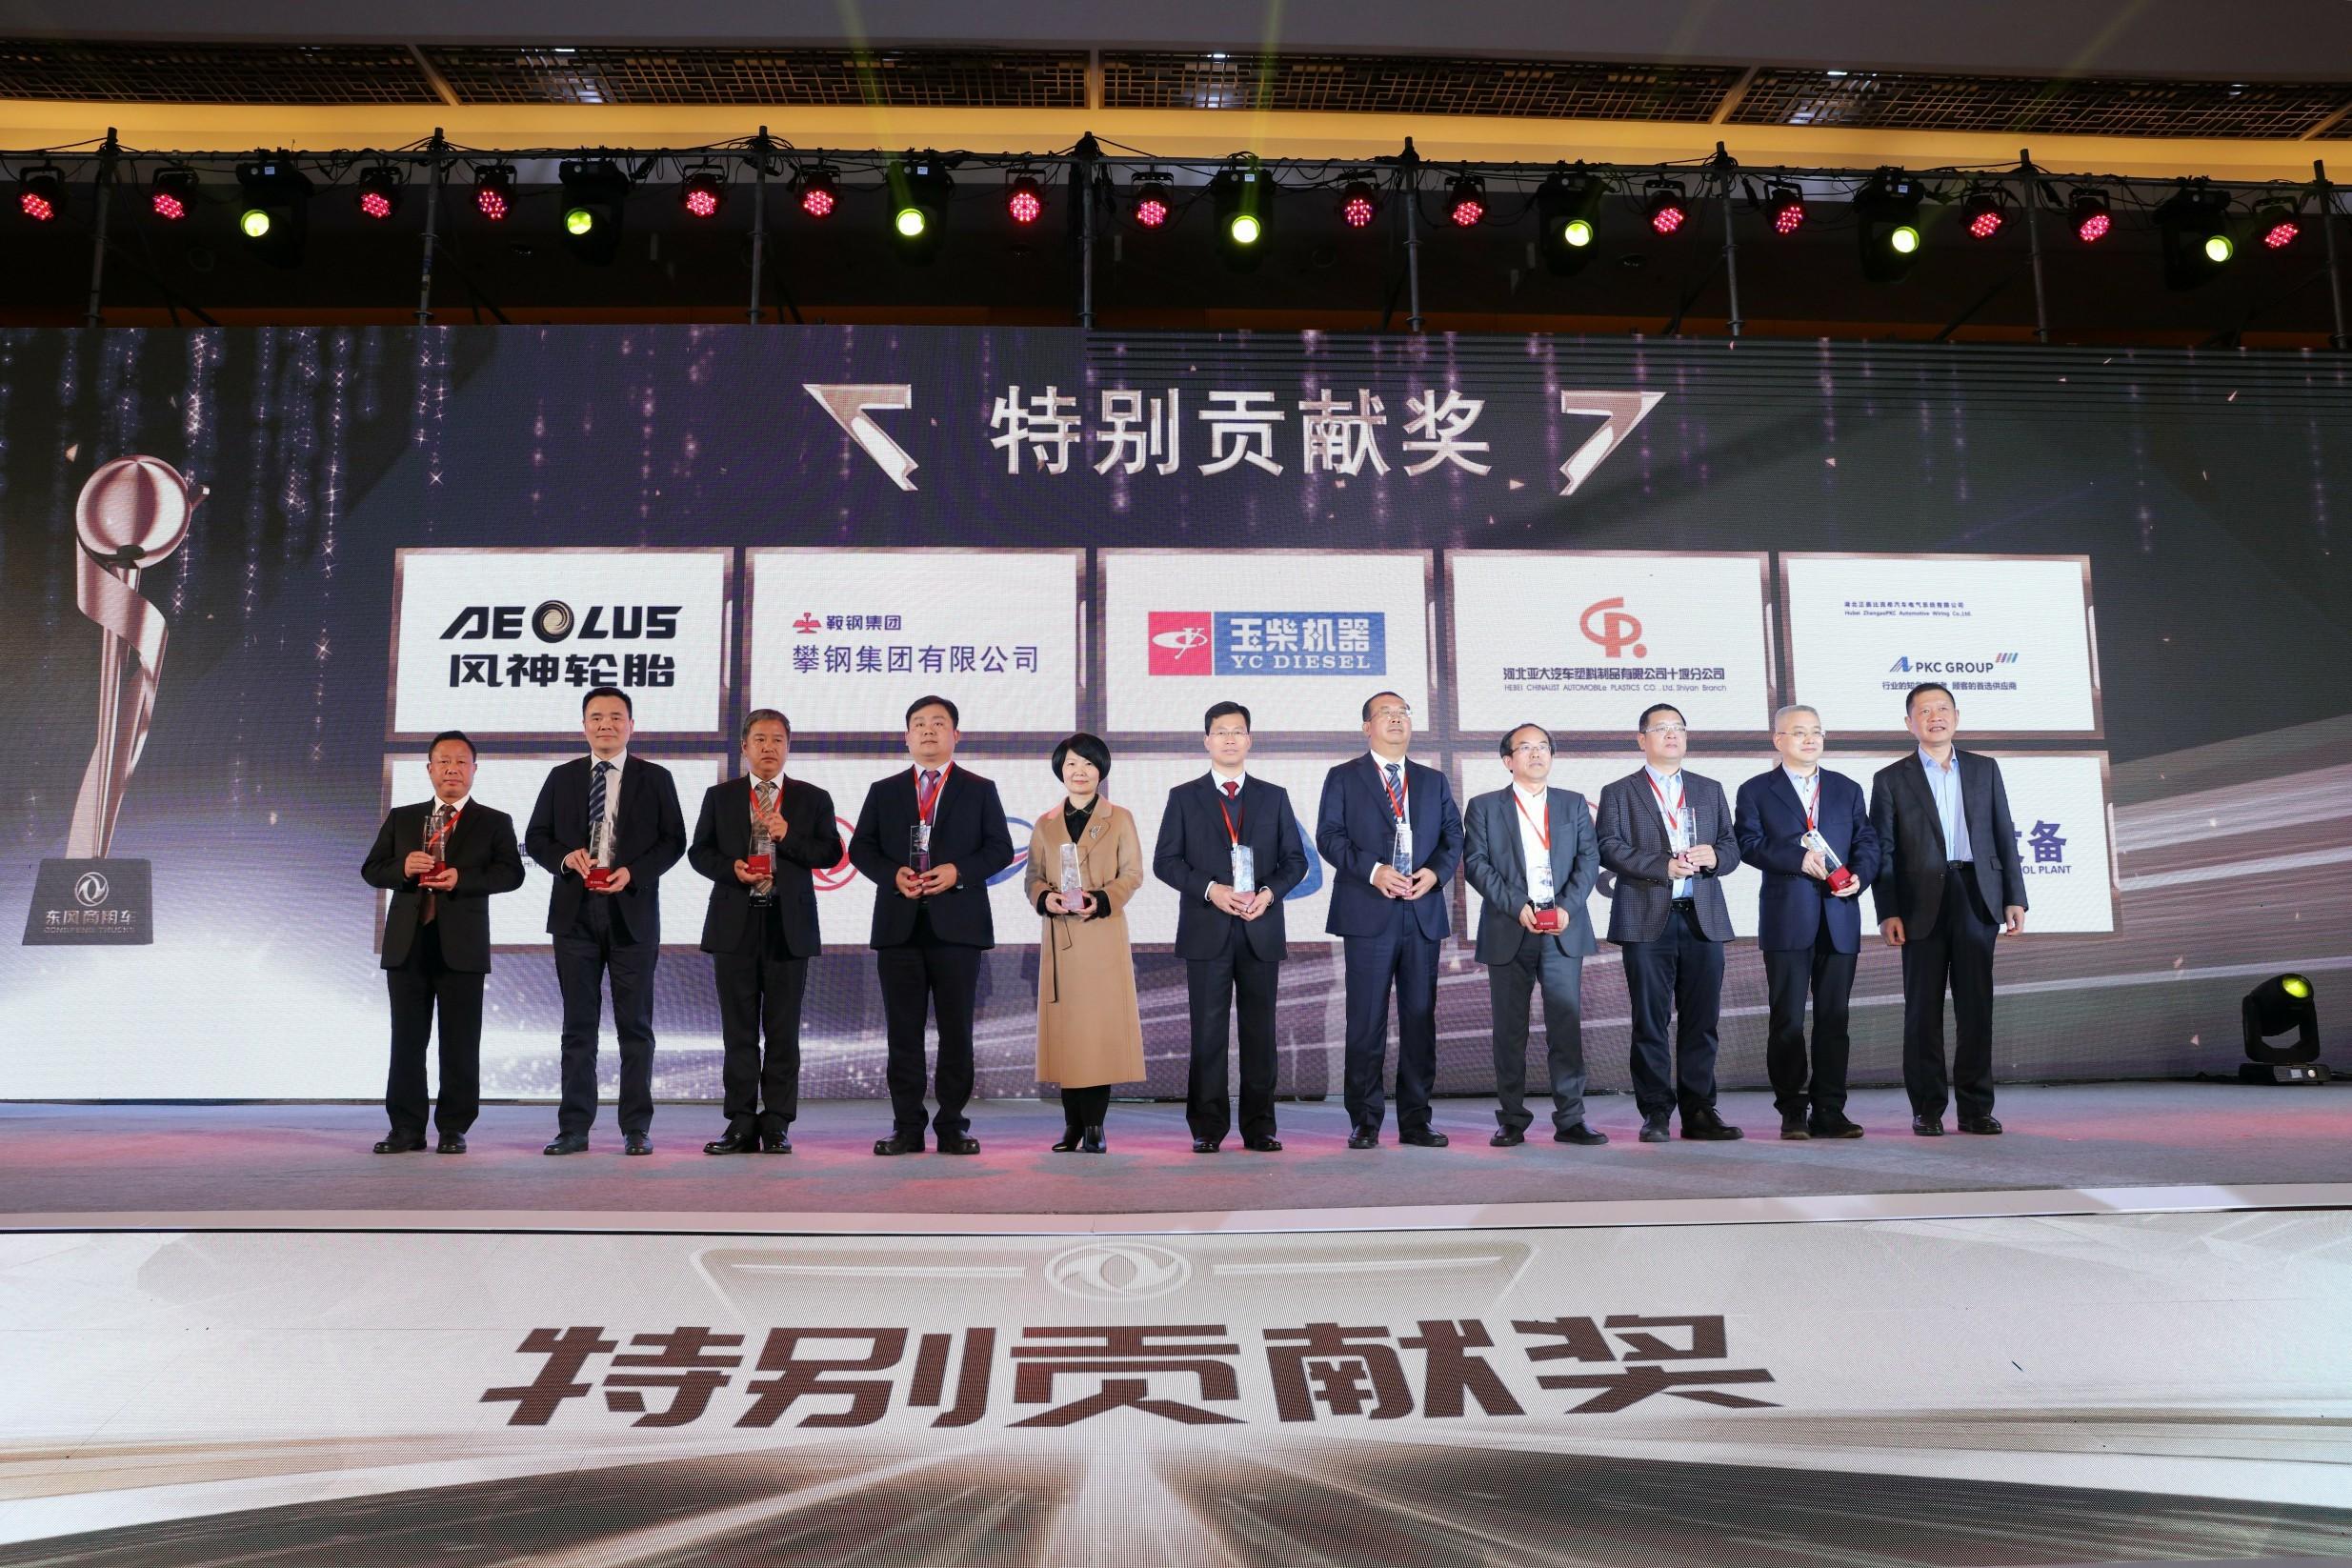 信赖可靠 转型升级 打造领先新优势 东风商用车召开2020年度供应商大会